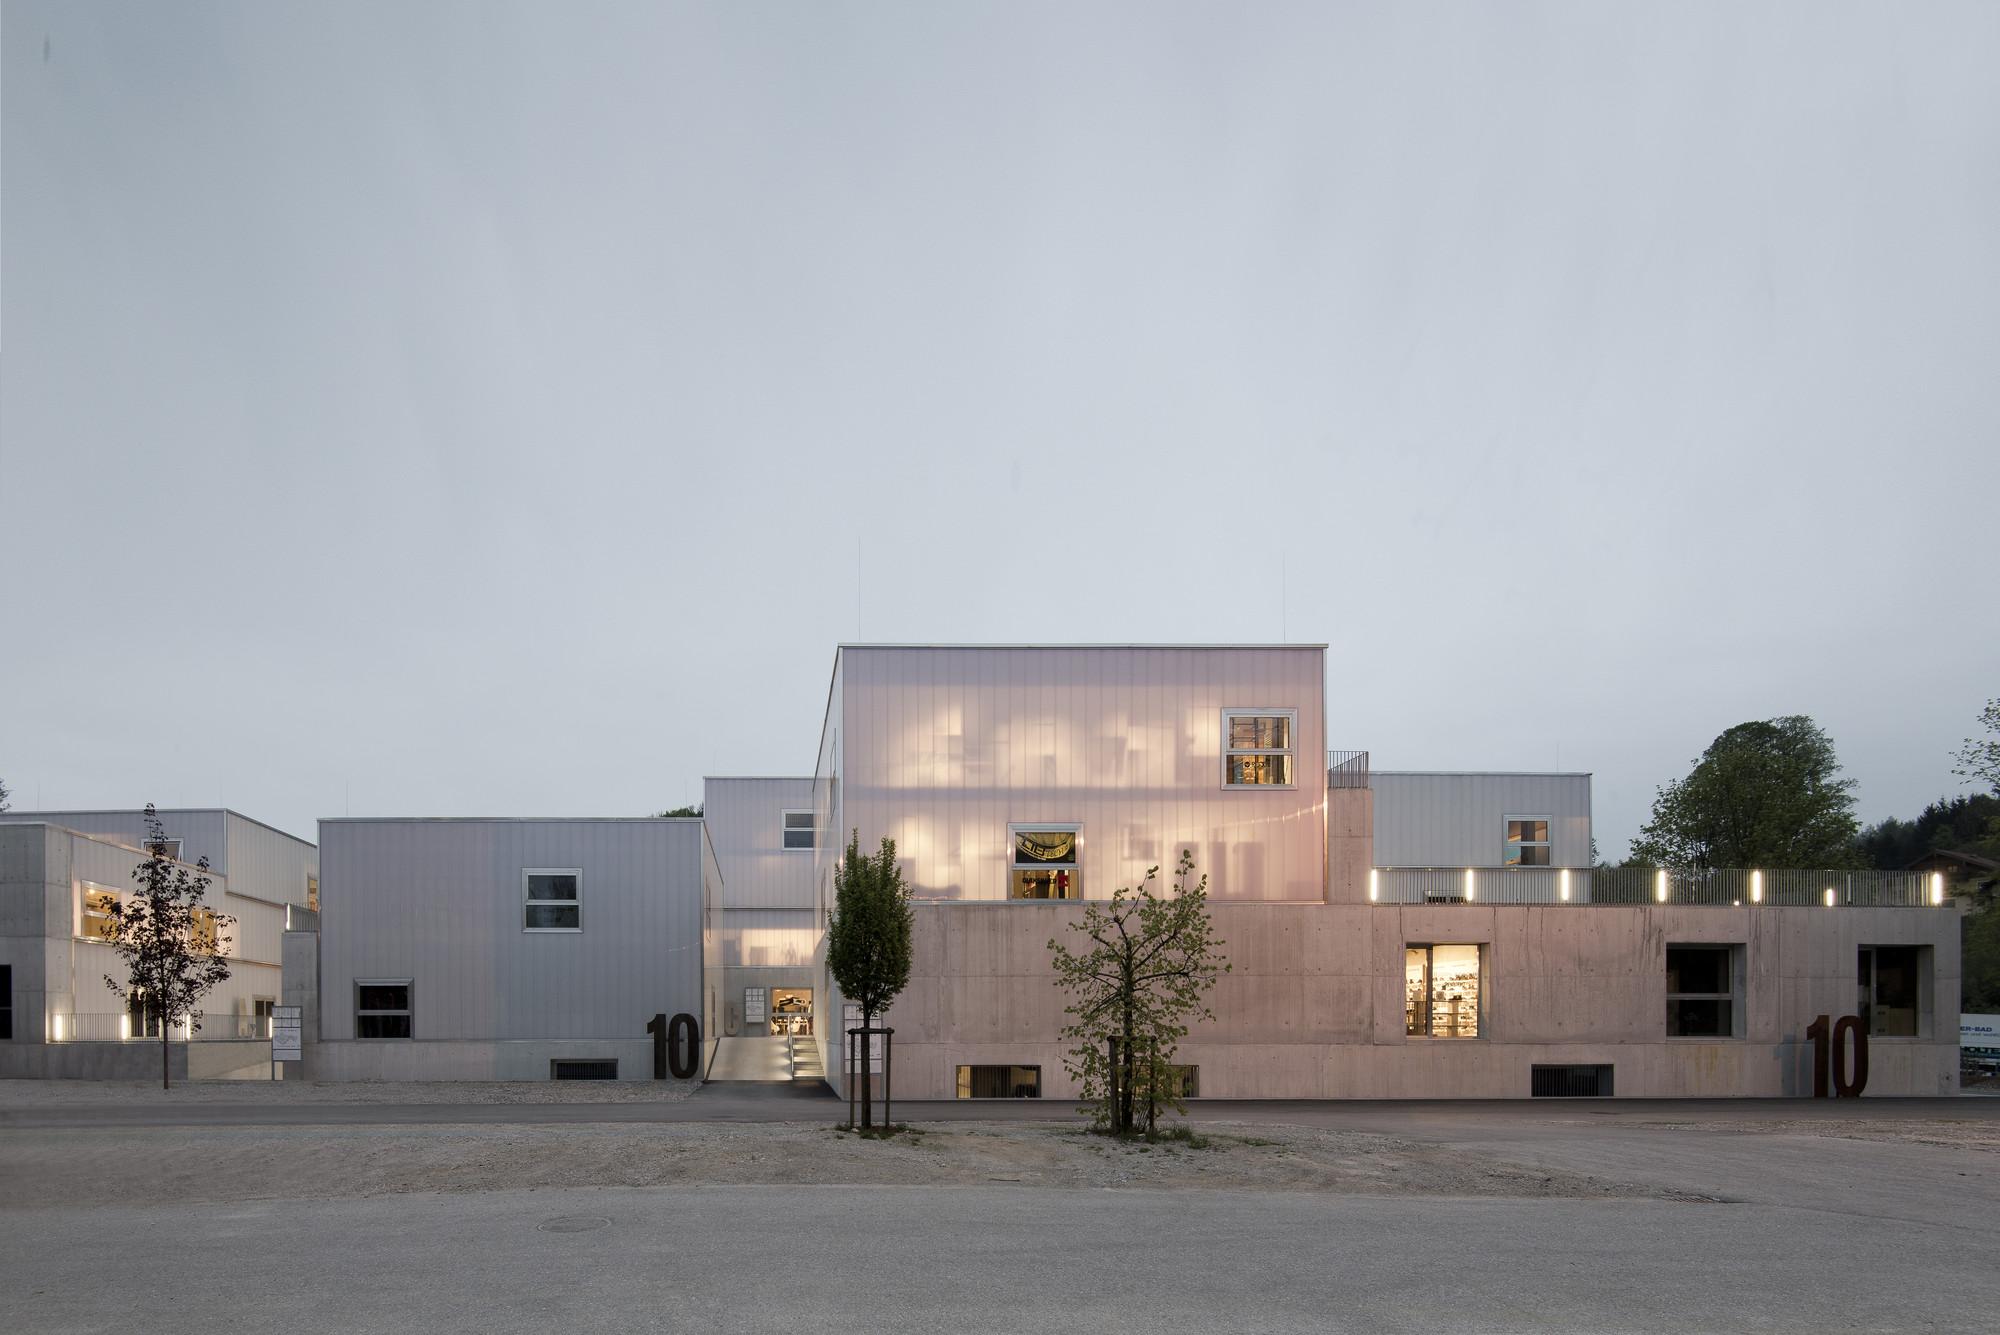 Gusswerk Extension / LP Architektur, © wortmeyer photography